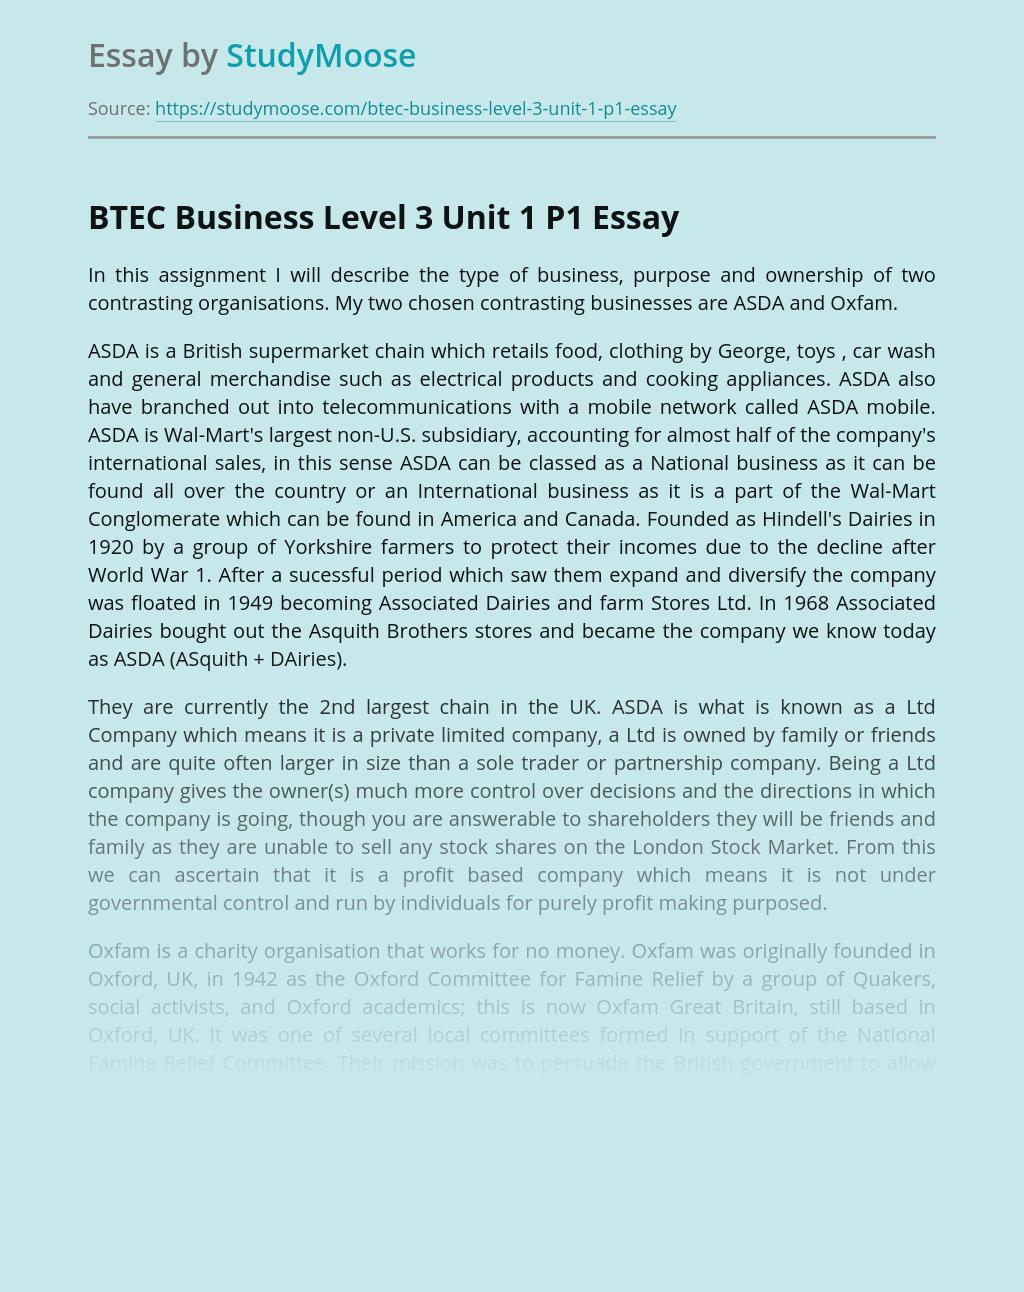 BTEC Business Level 3 Unit 1 P1